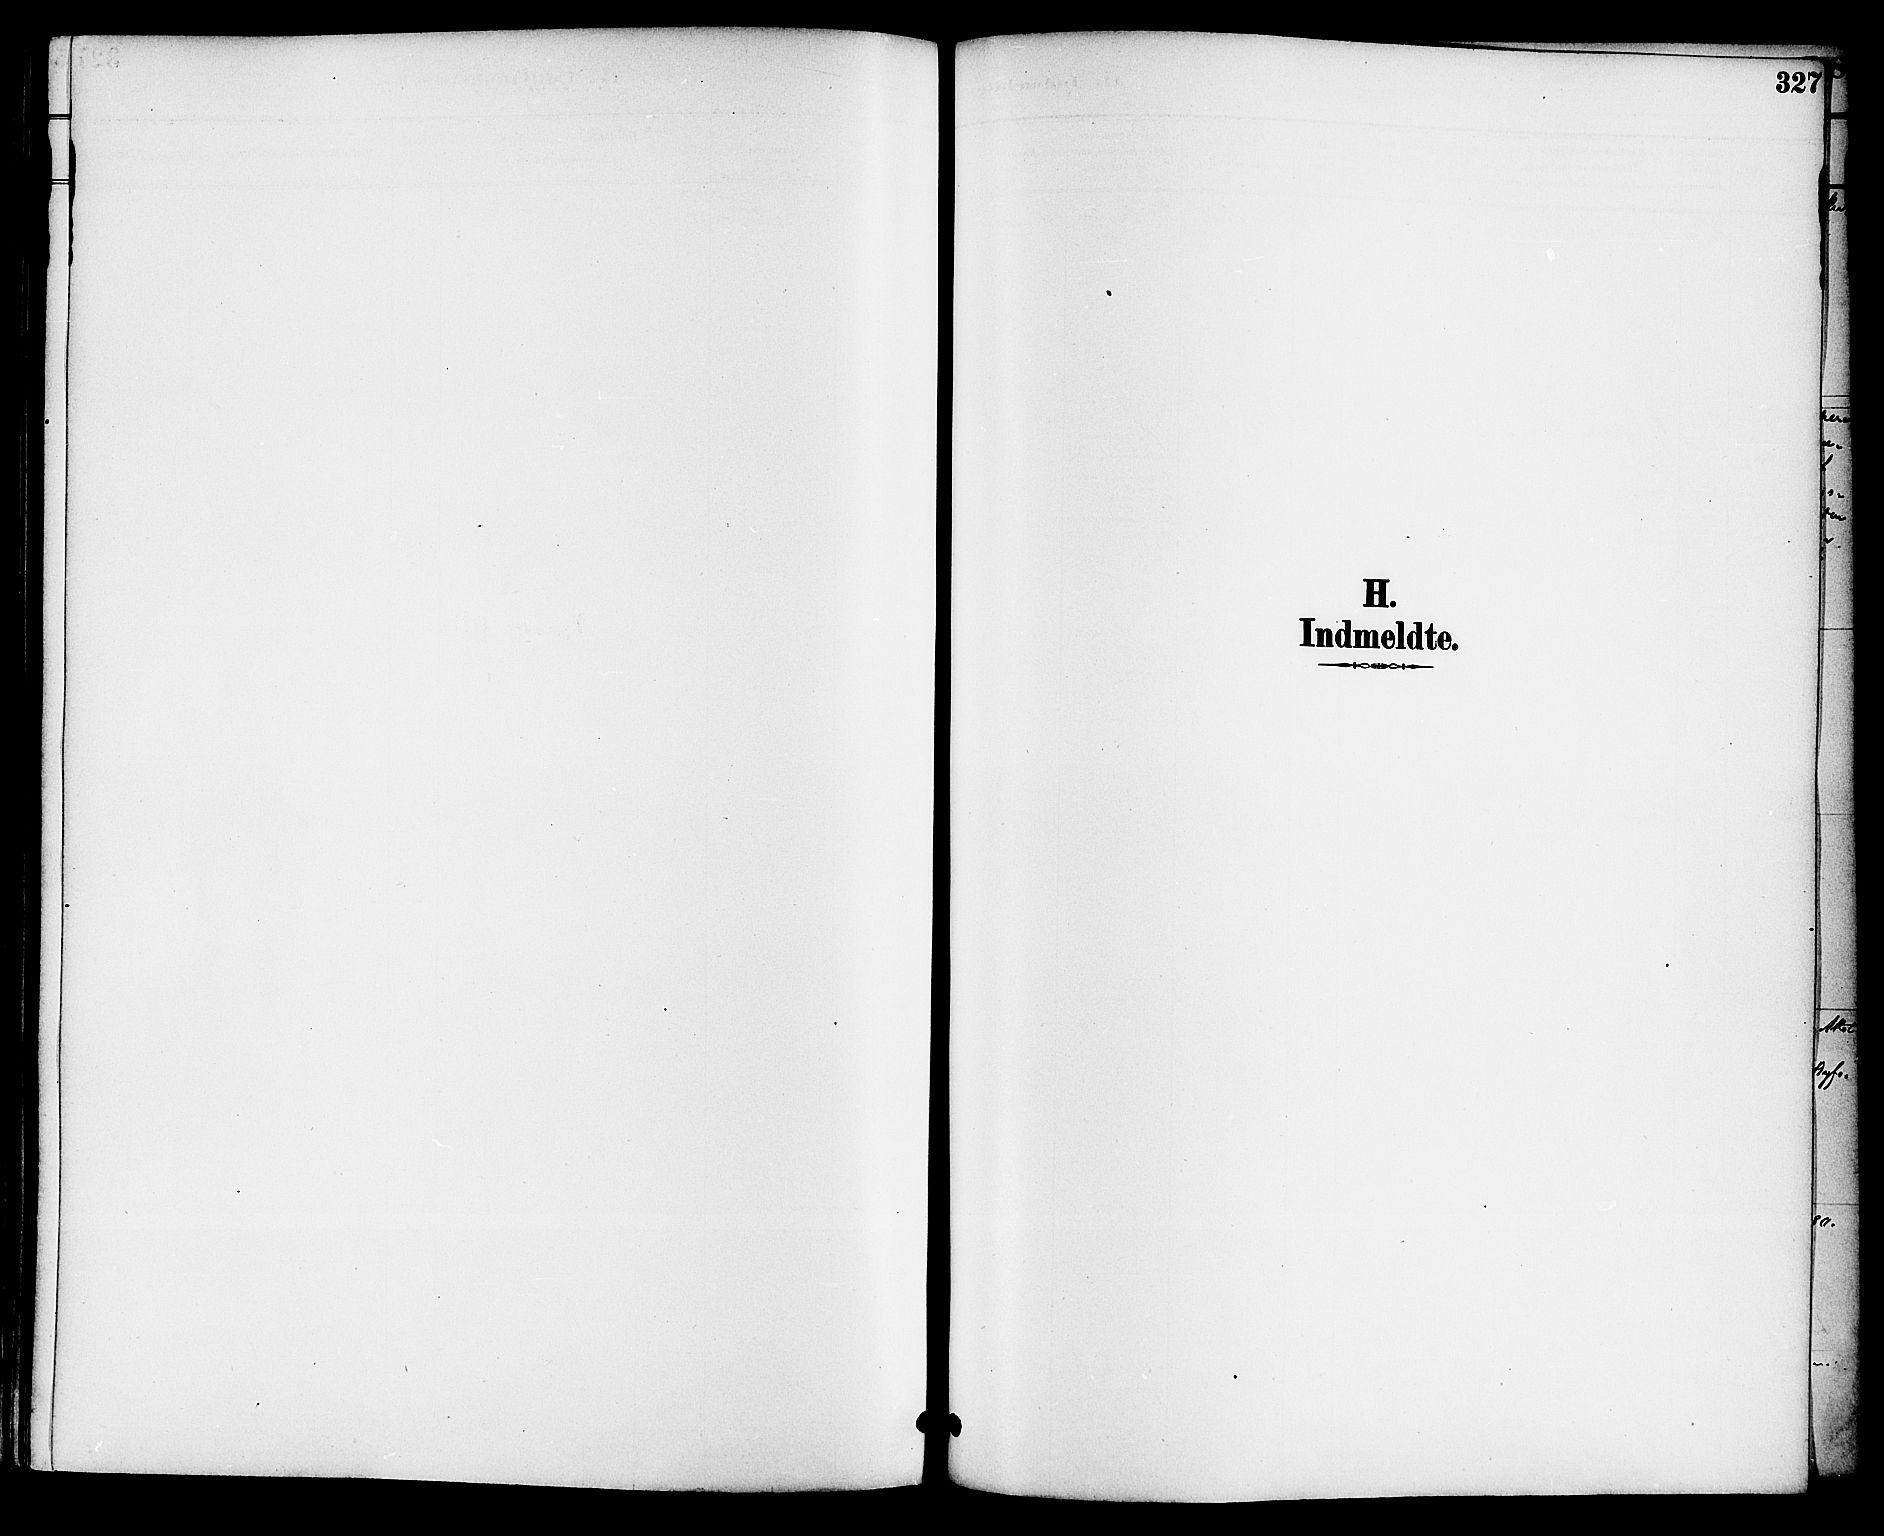 SAKO, Gjerpen kirkebøker, F/Fa/L0010: Ministerialbok nr. 10, 1886-1895, s. 327